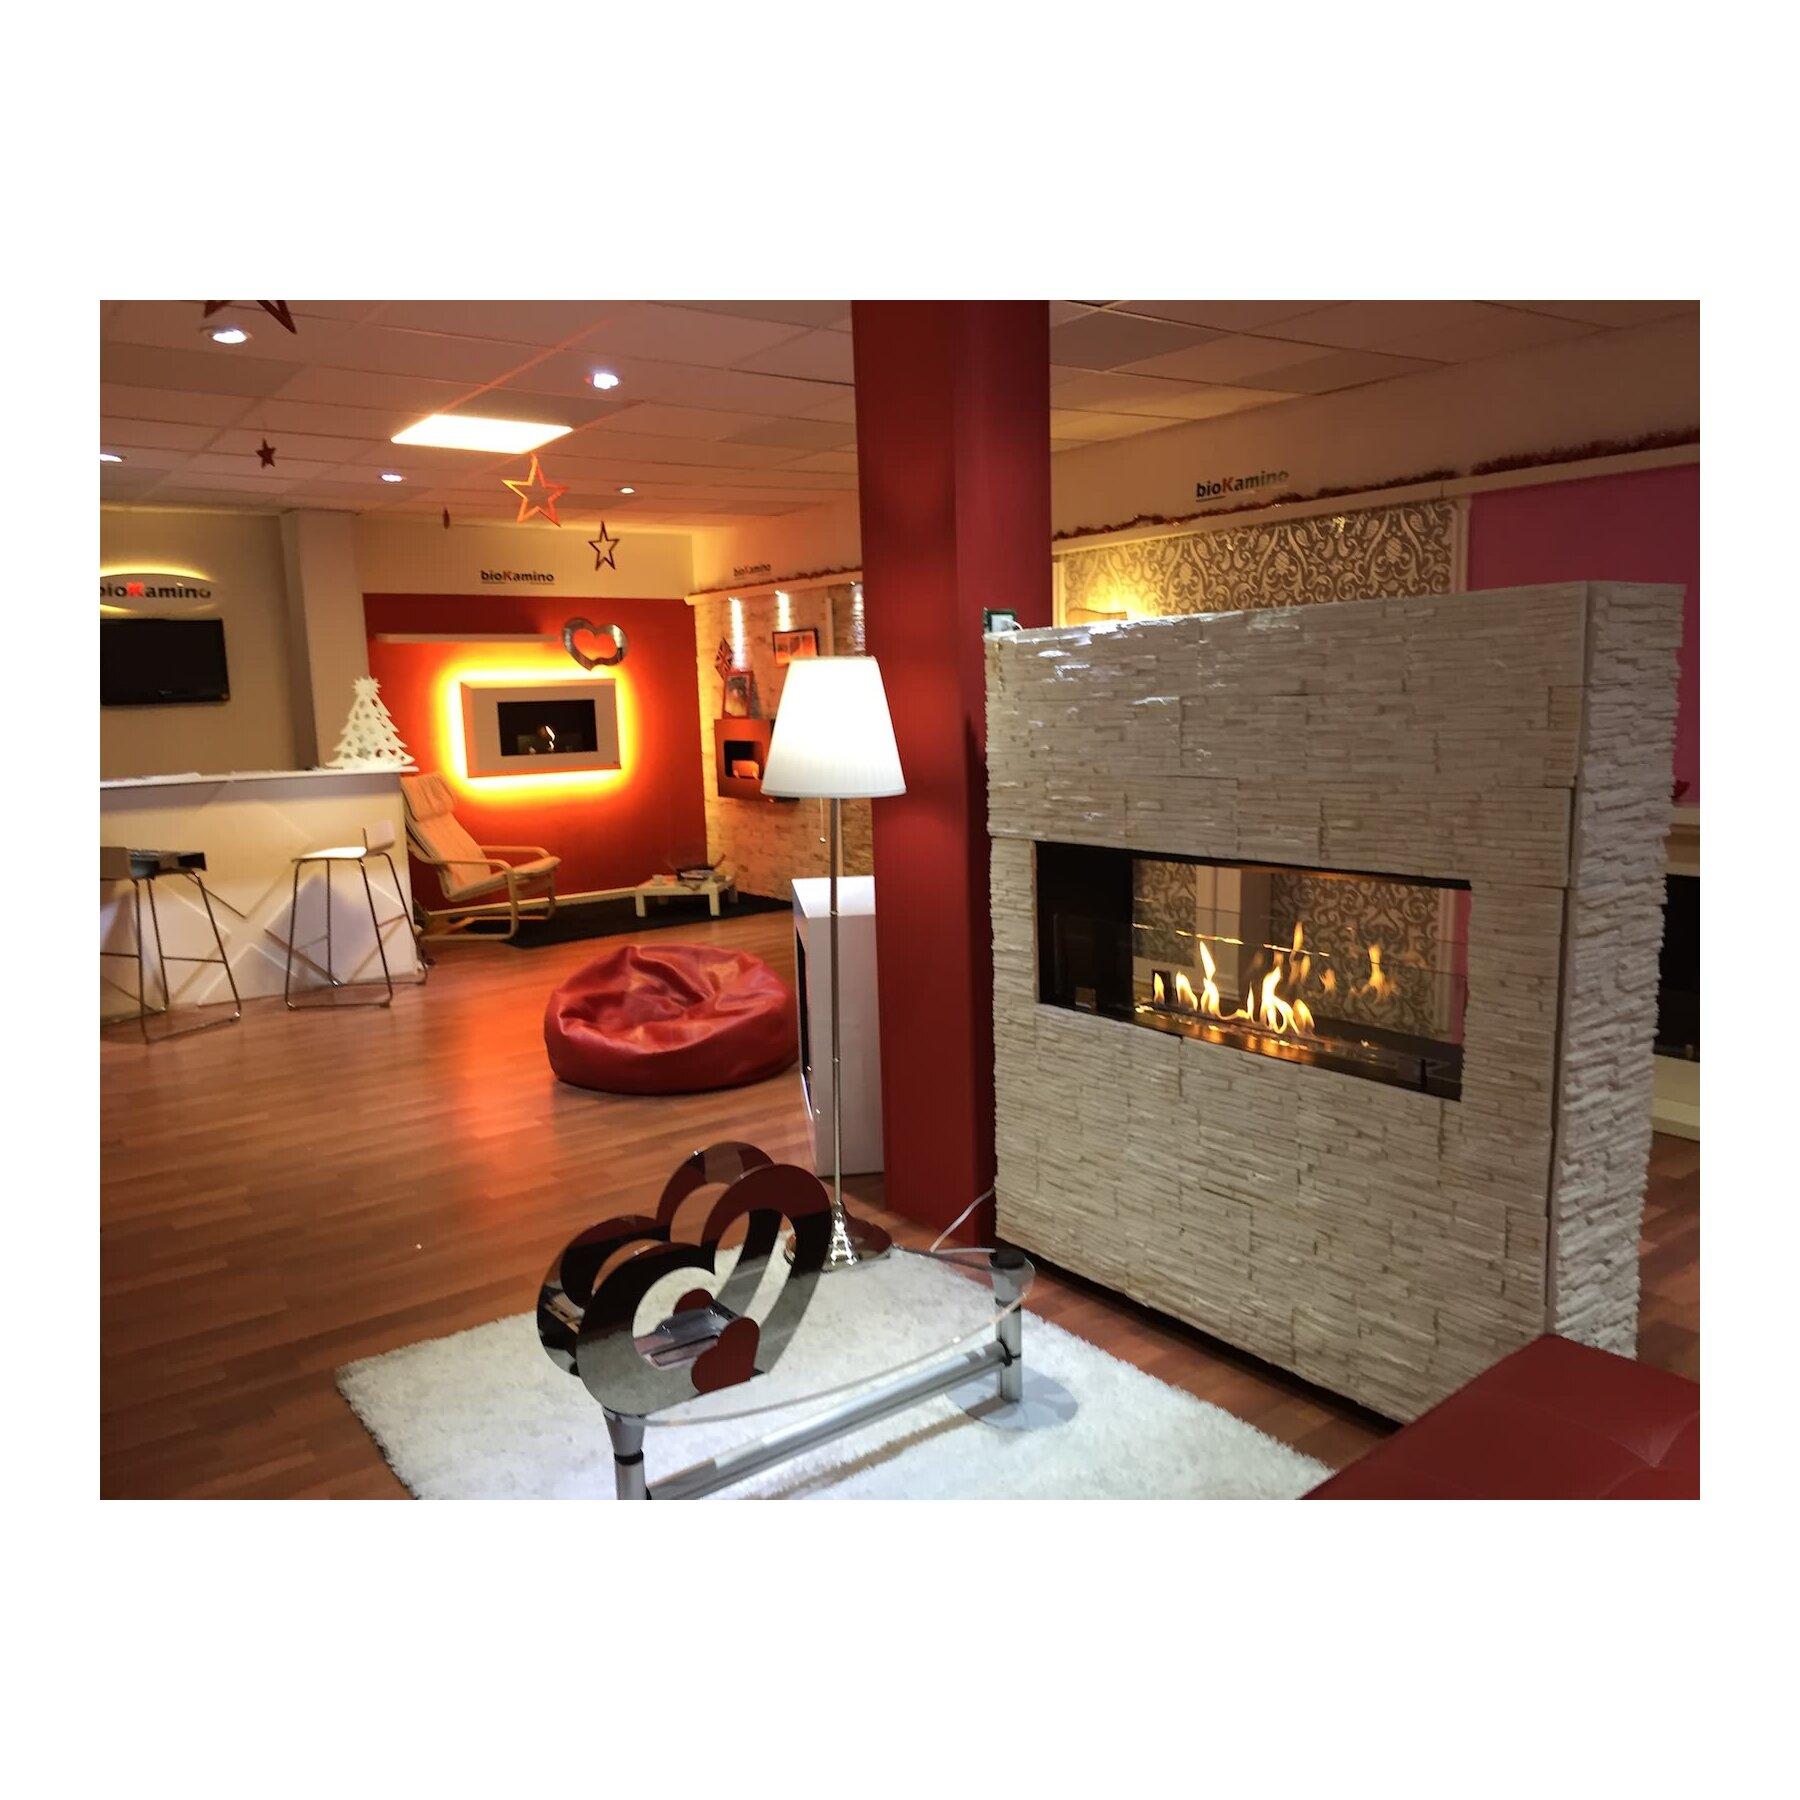 einbaukamin nach ma individuelle l sung von biokamino. Black Bedroom Furniture Sets. Home Design Ideas